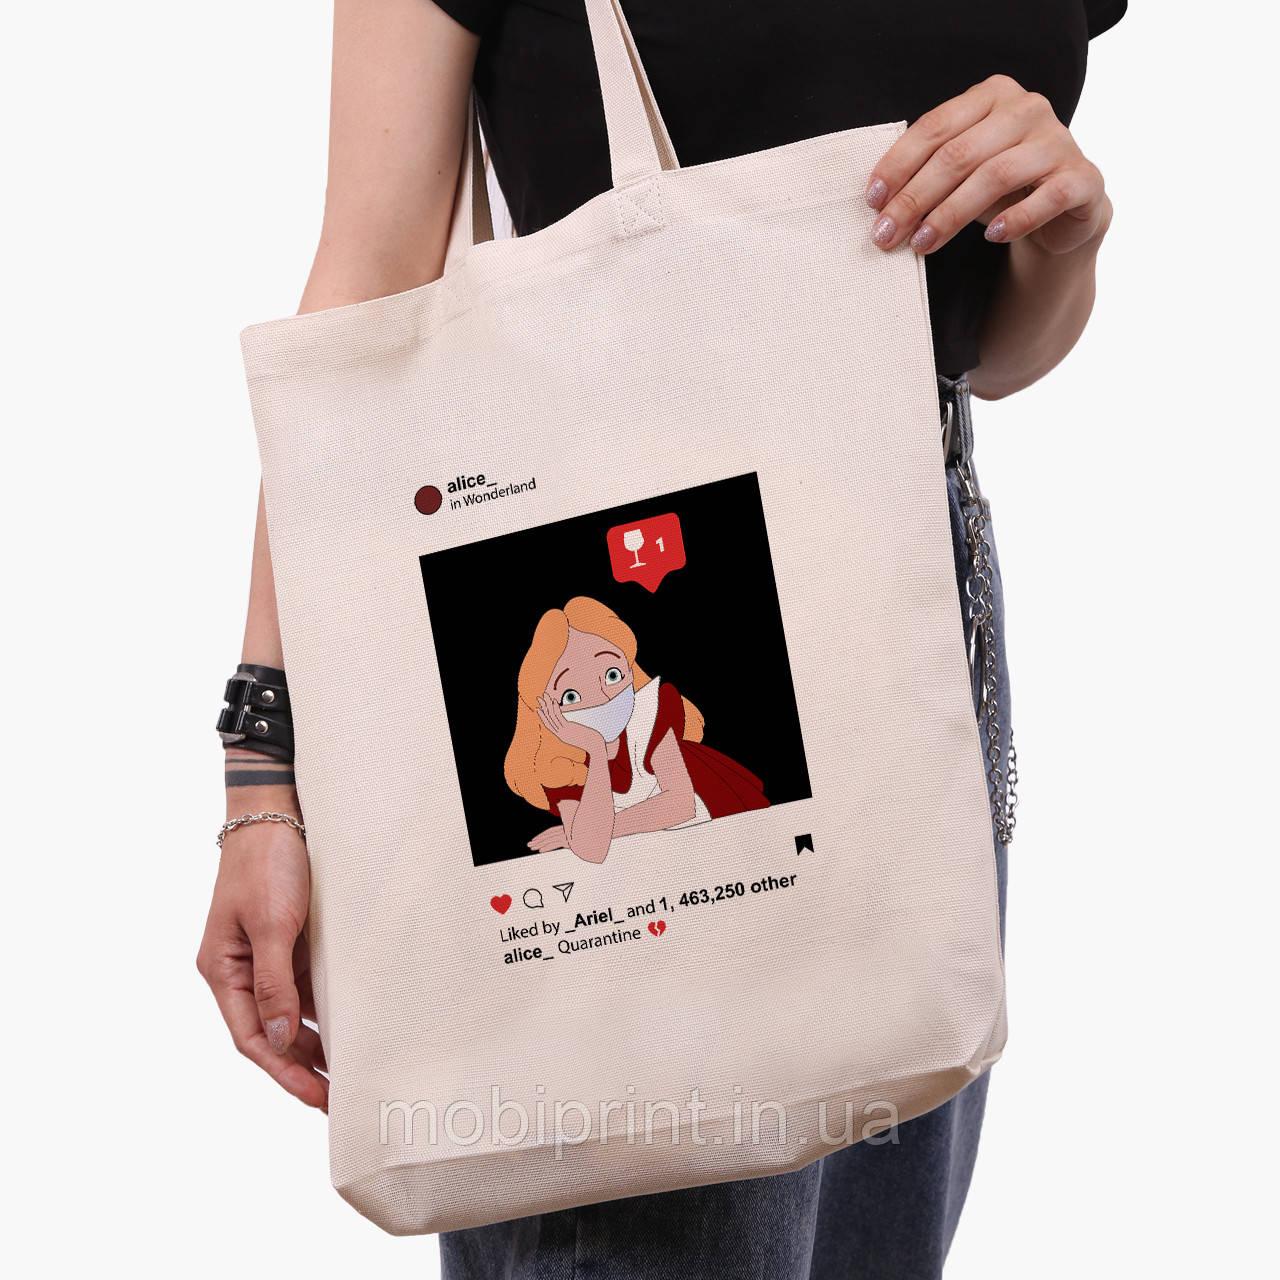 Эко сумка шоппер белая Алиса в маске Дисней (Disney) (9227-1419-1) экосумка шопер 41*39*8 см